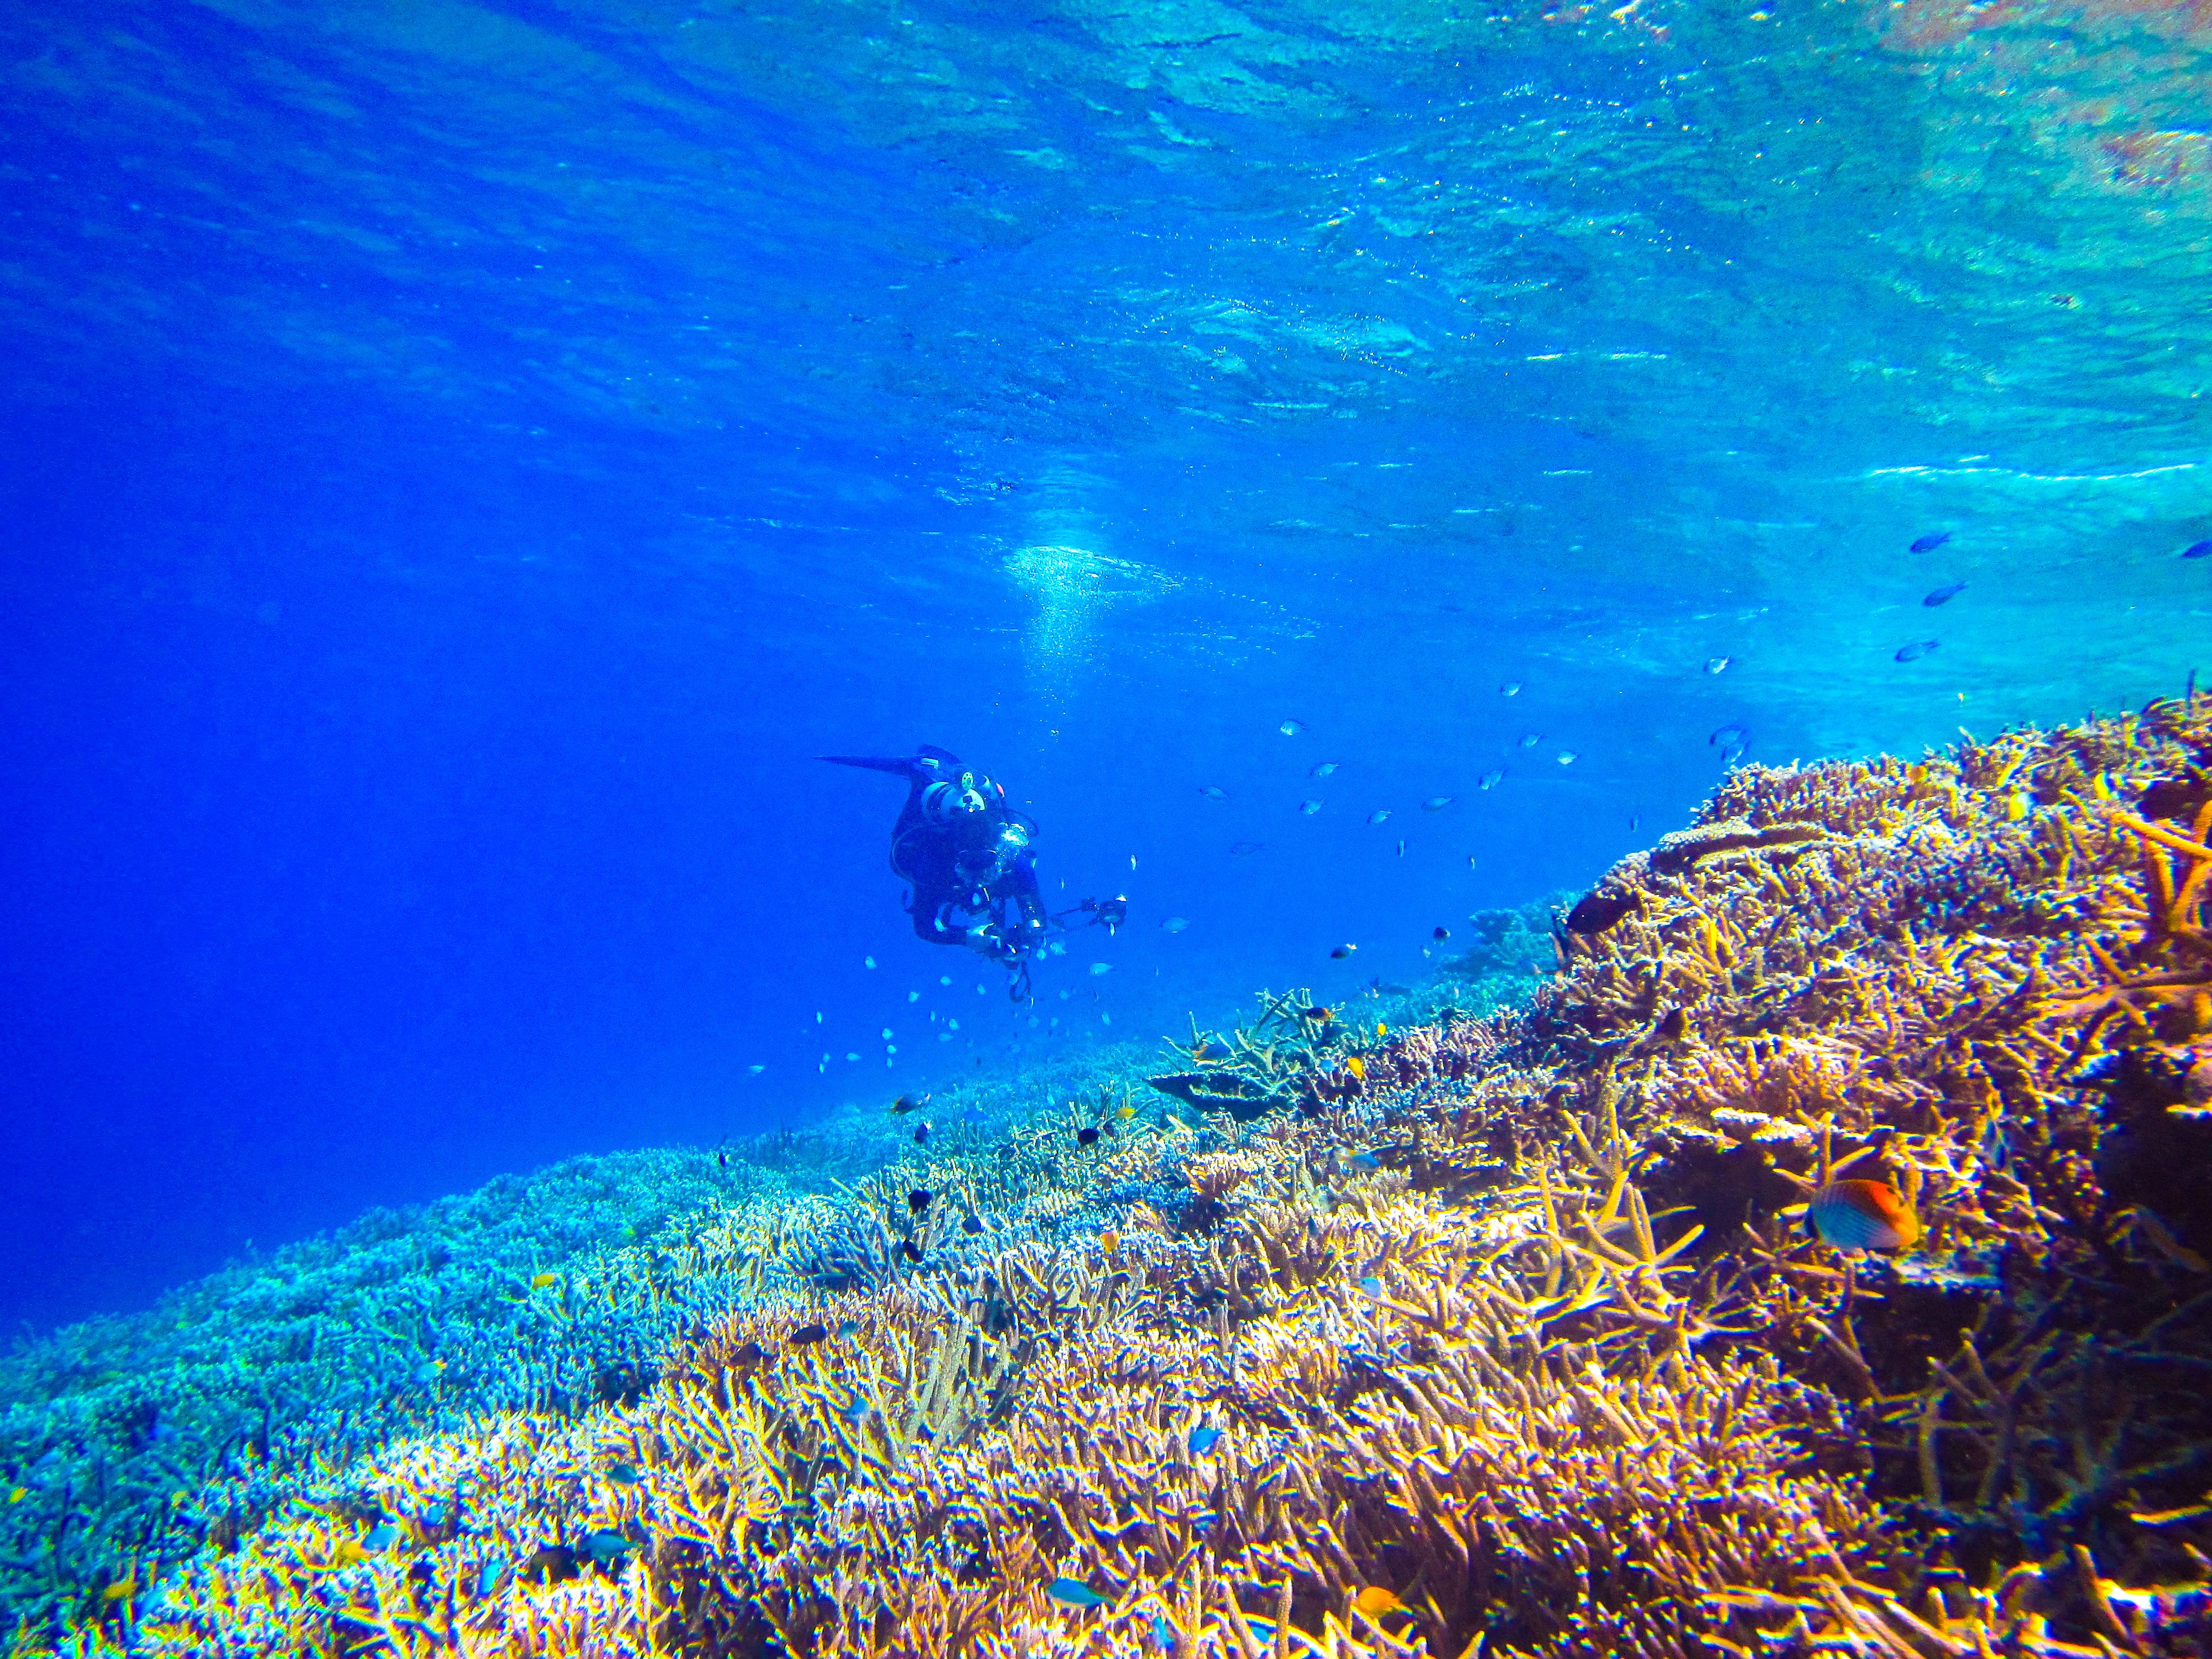 石垣島ダイビングで見ることのできるサンゴ礁